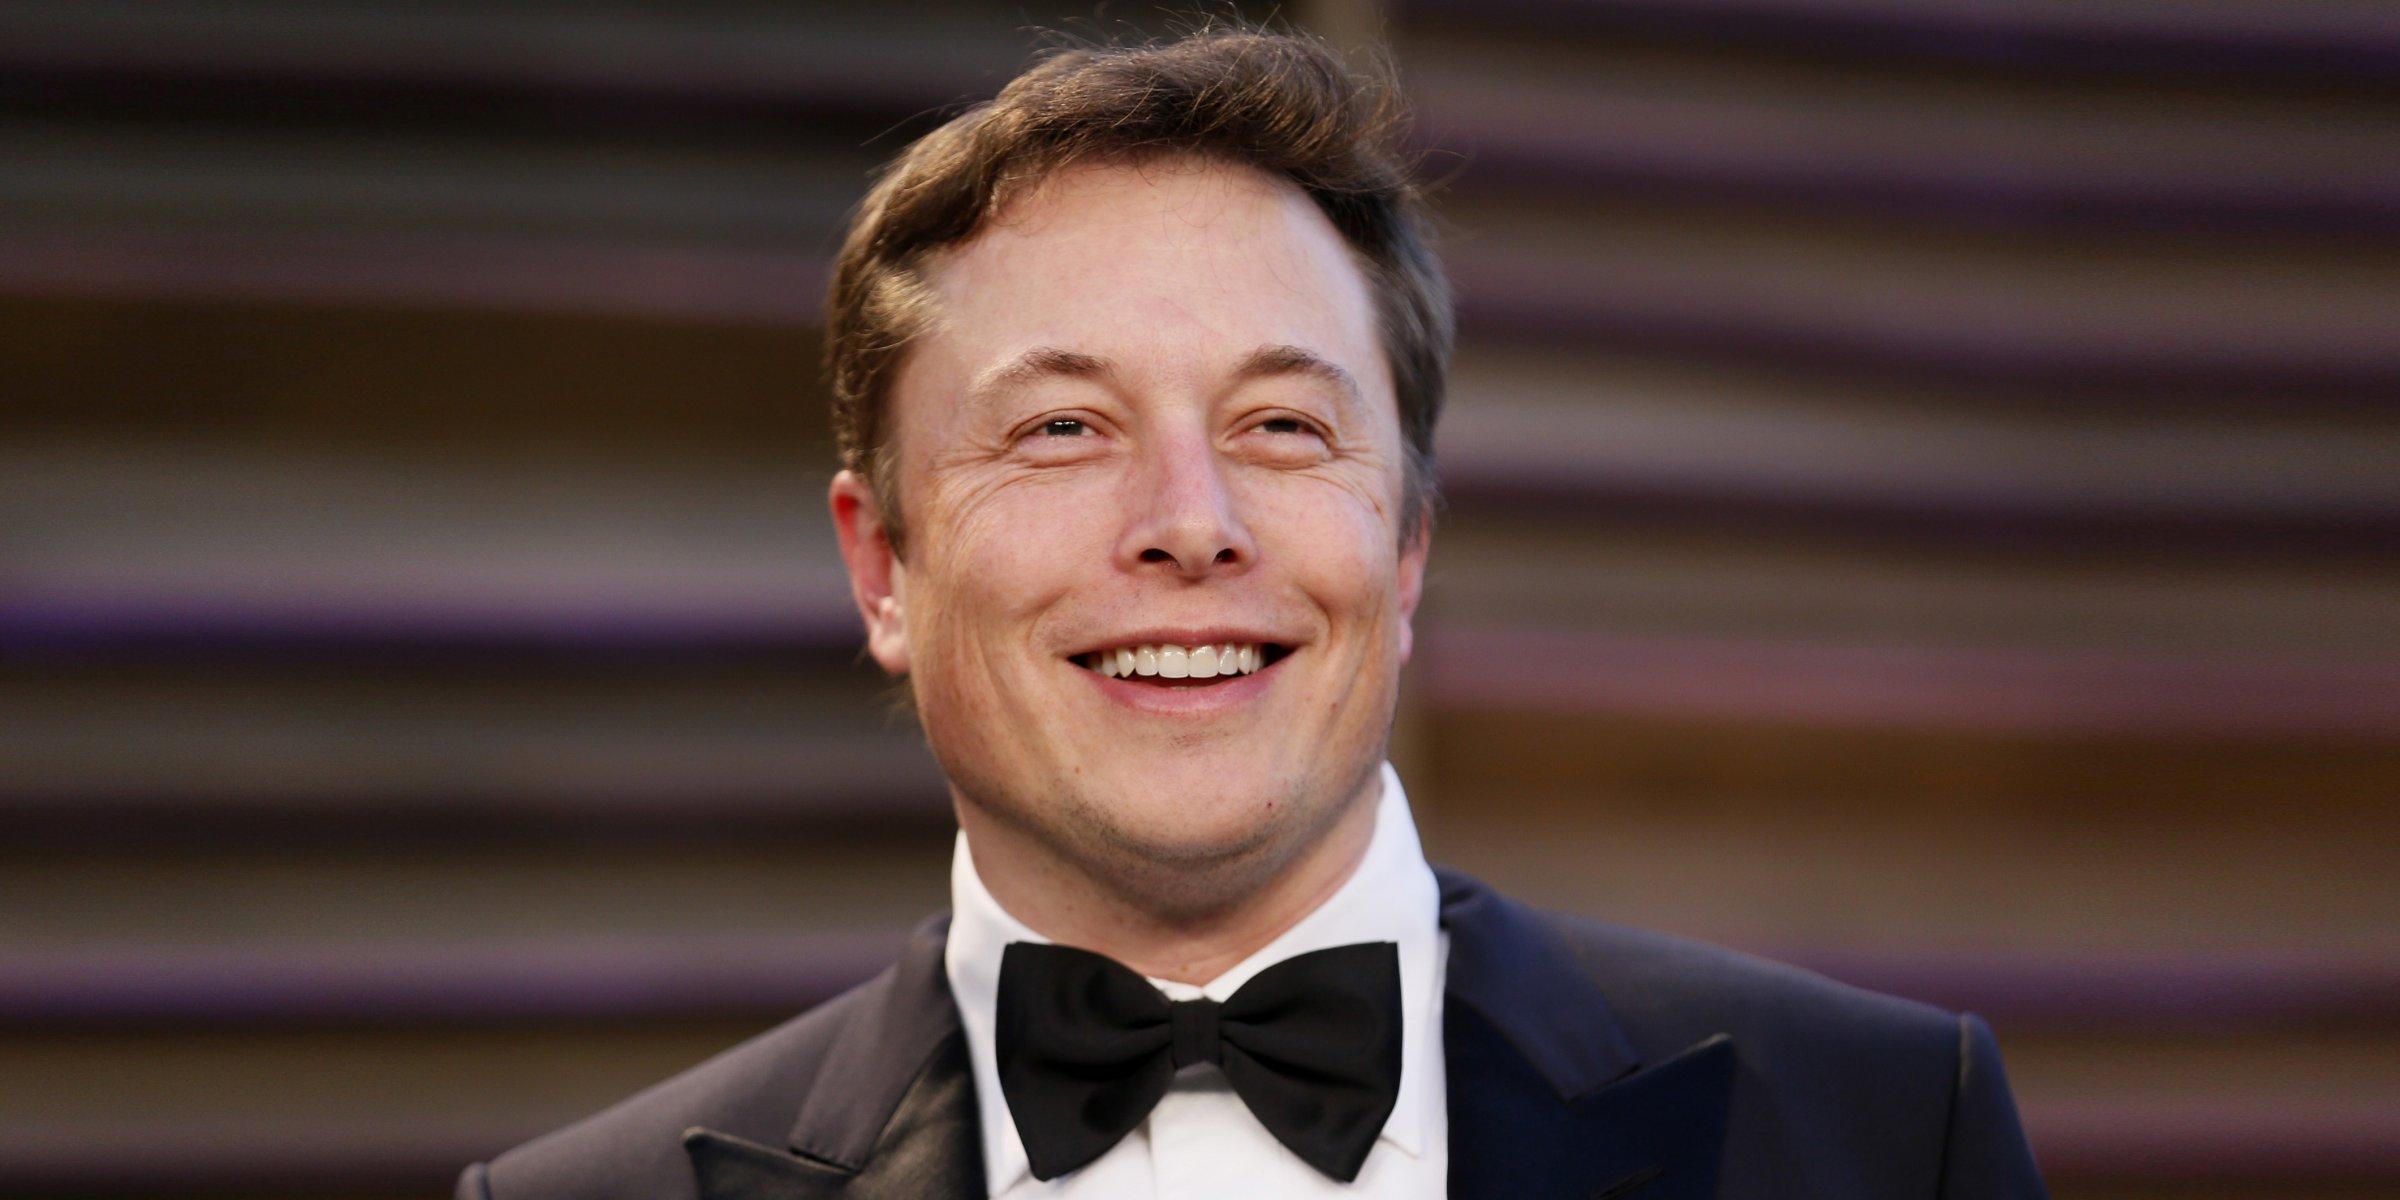 Bị thách thức, Elon Musk xóa trang Facebook của cả Tesla lẫn SpaceX